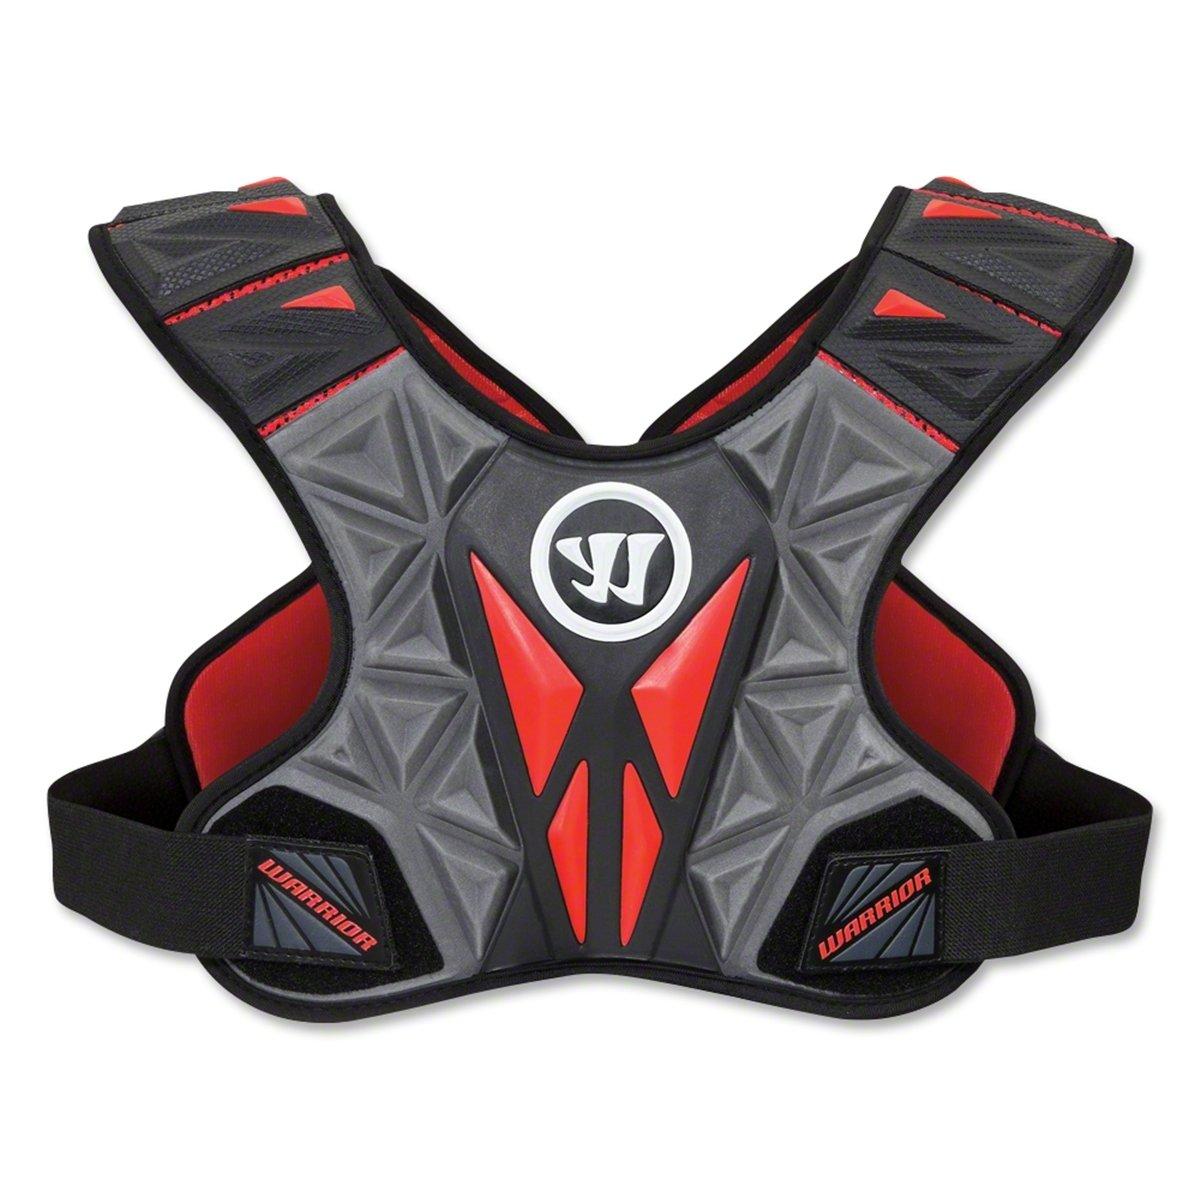 Warrior Regulator Hitlyte Youth Shoulder Pad